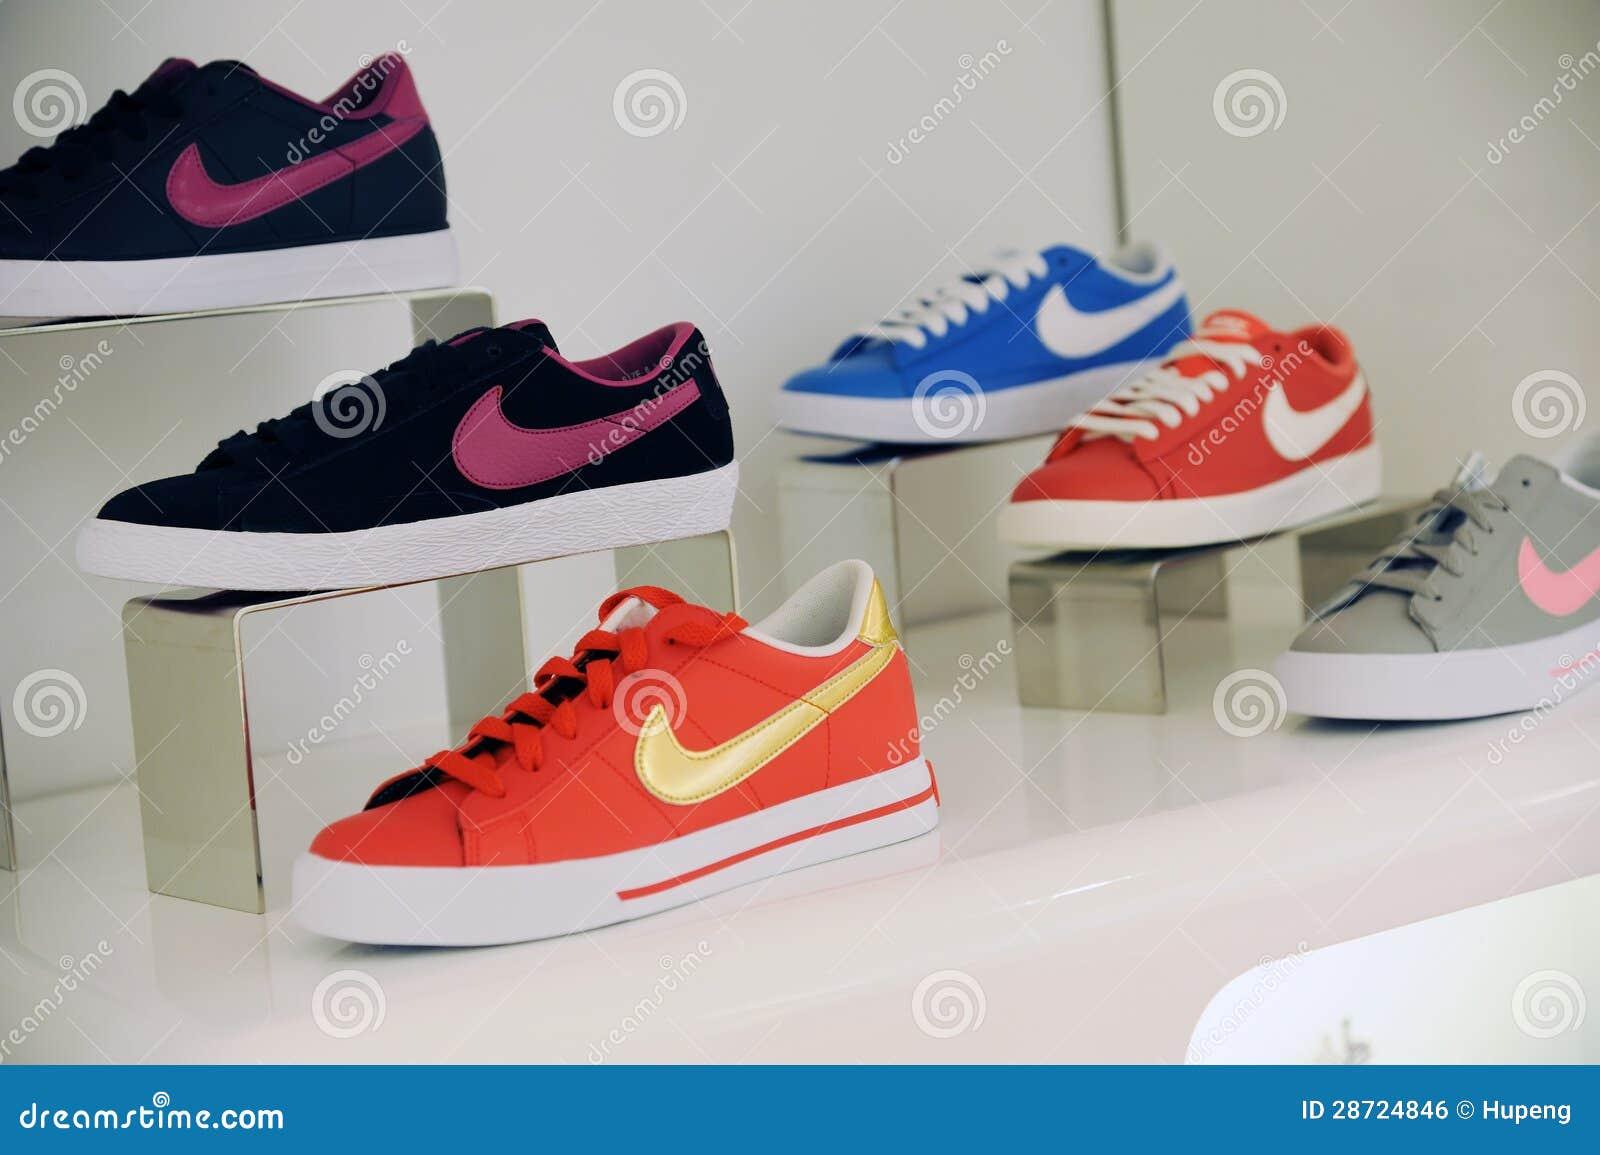 Schuhe zeichenhoch von Nike redaktionelles fotoBild DHYWE29I